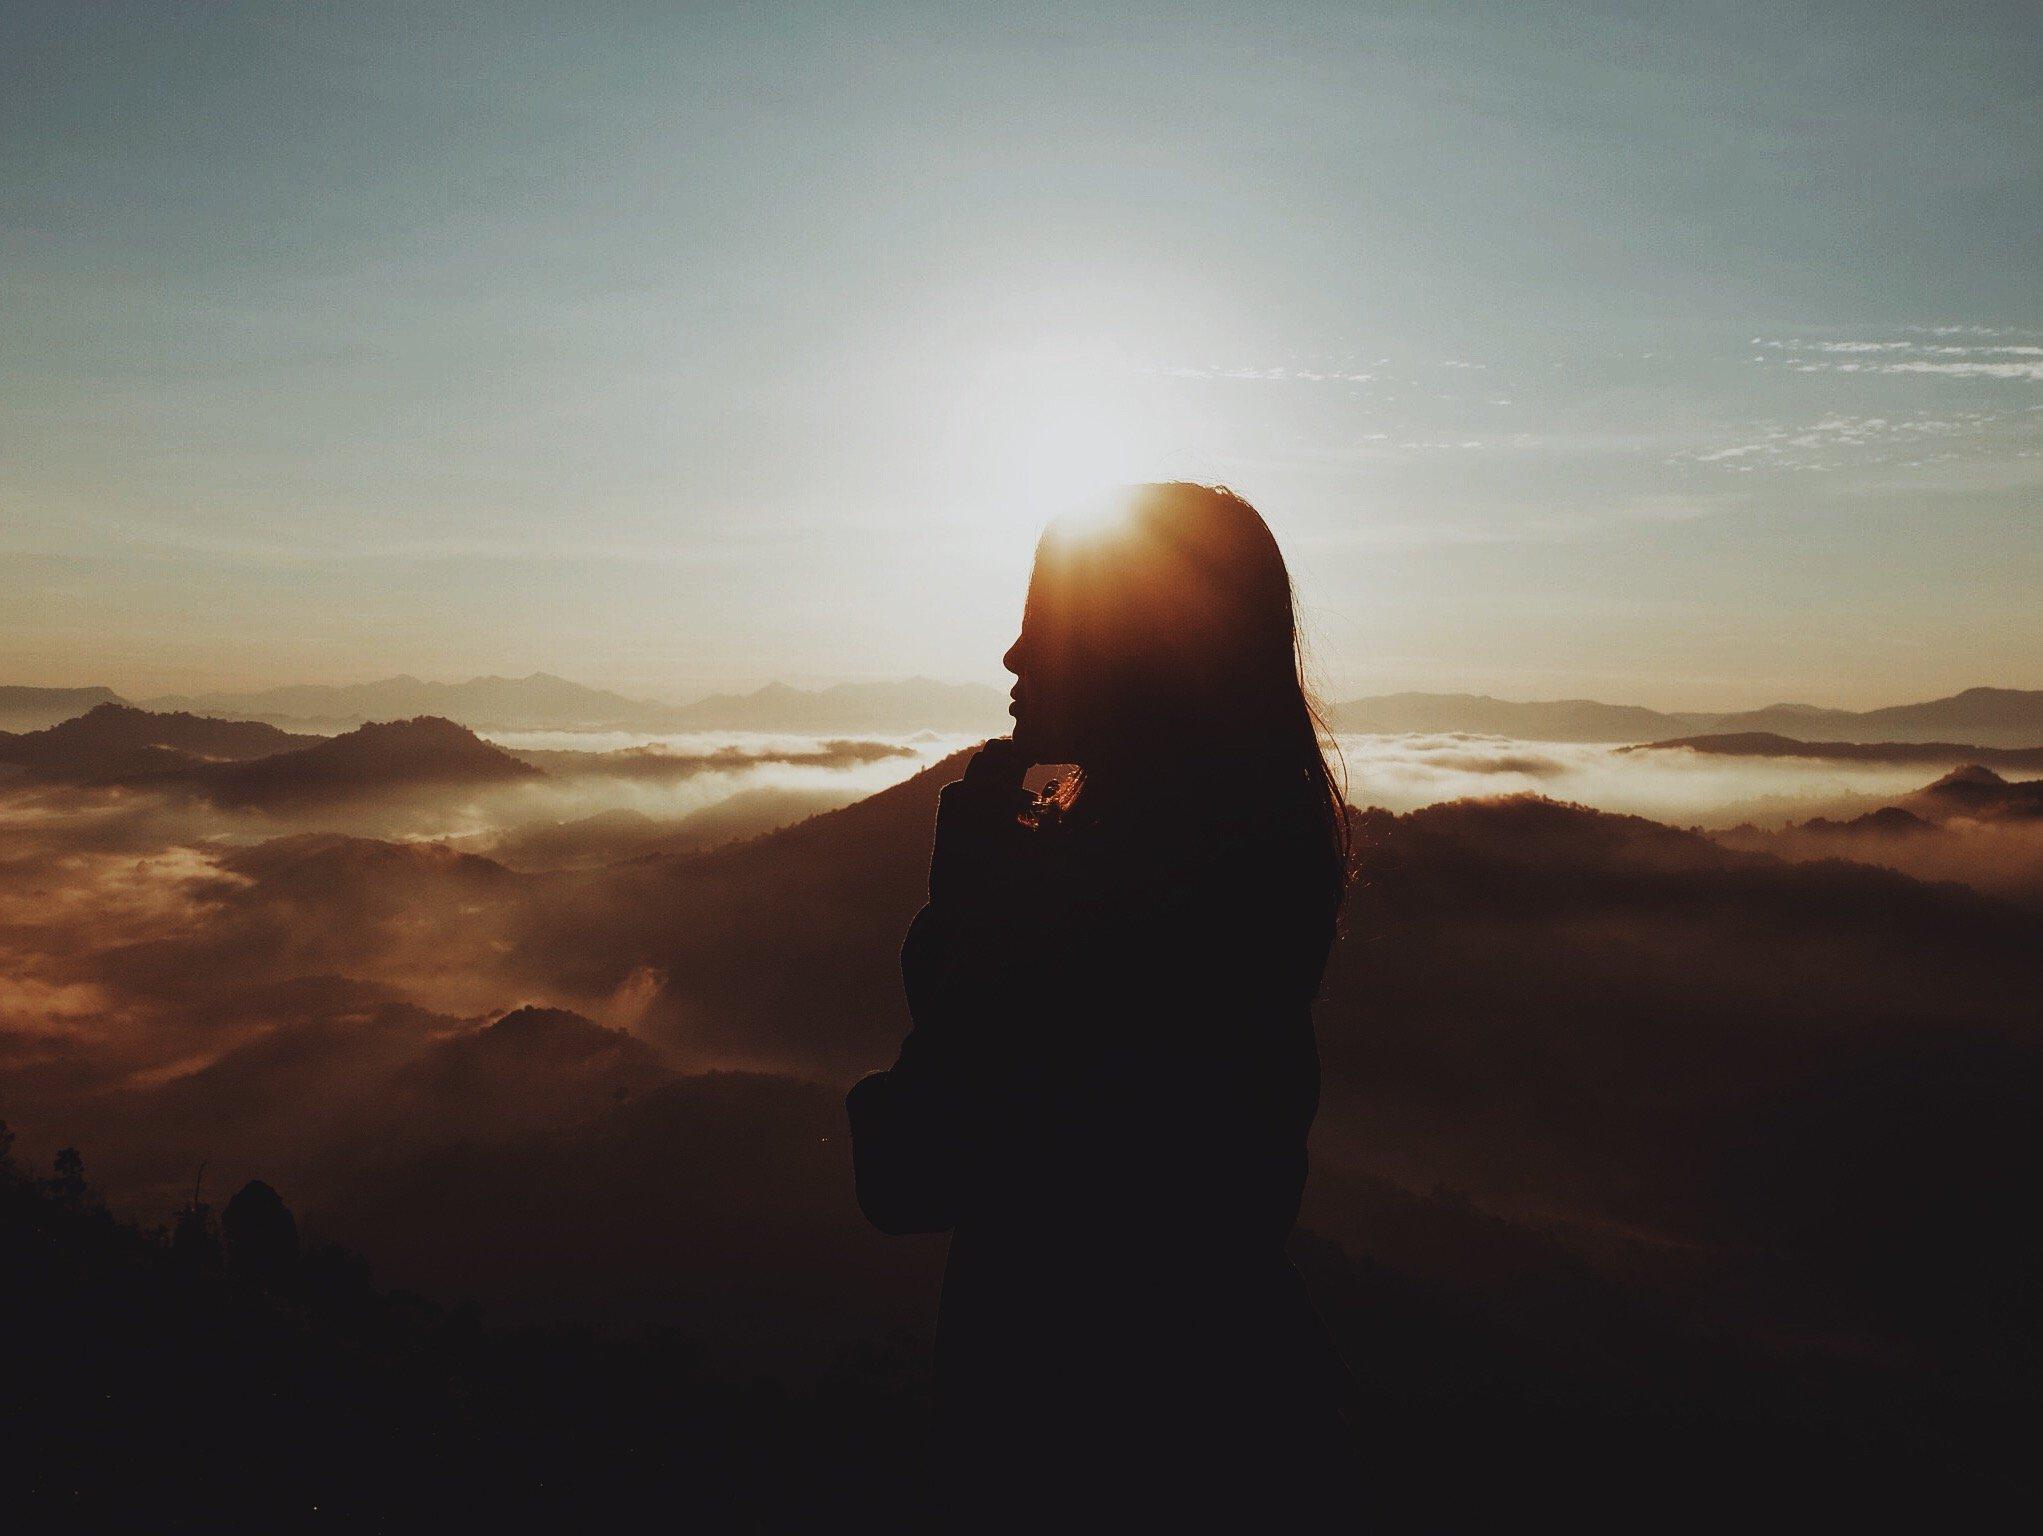 Mulher pensativa no topo de uma montanha